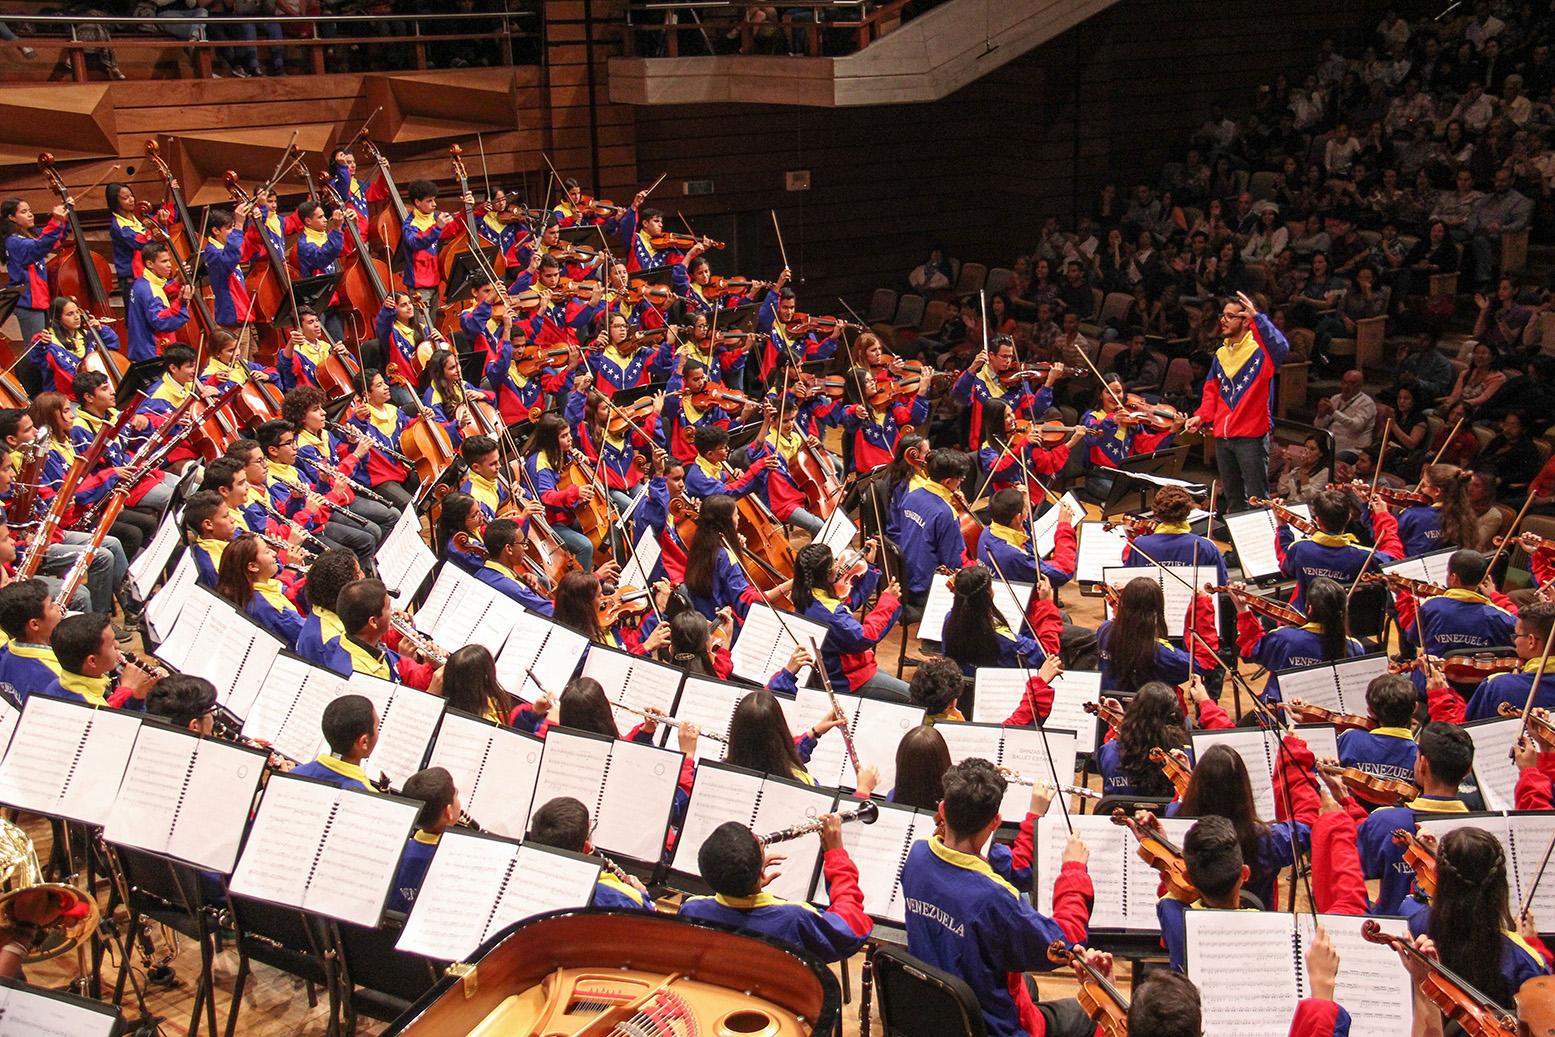 La Orquesta Nacional Juvenil De Venezuela Debutó Con éxito En La Sala Simón Bolívar